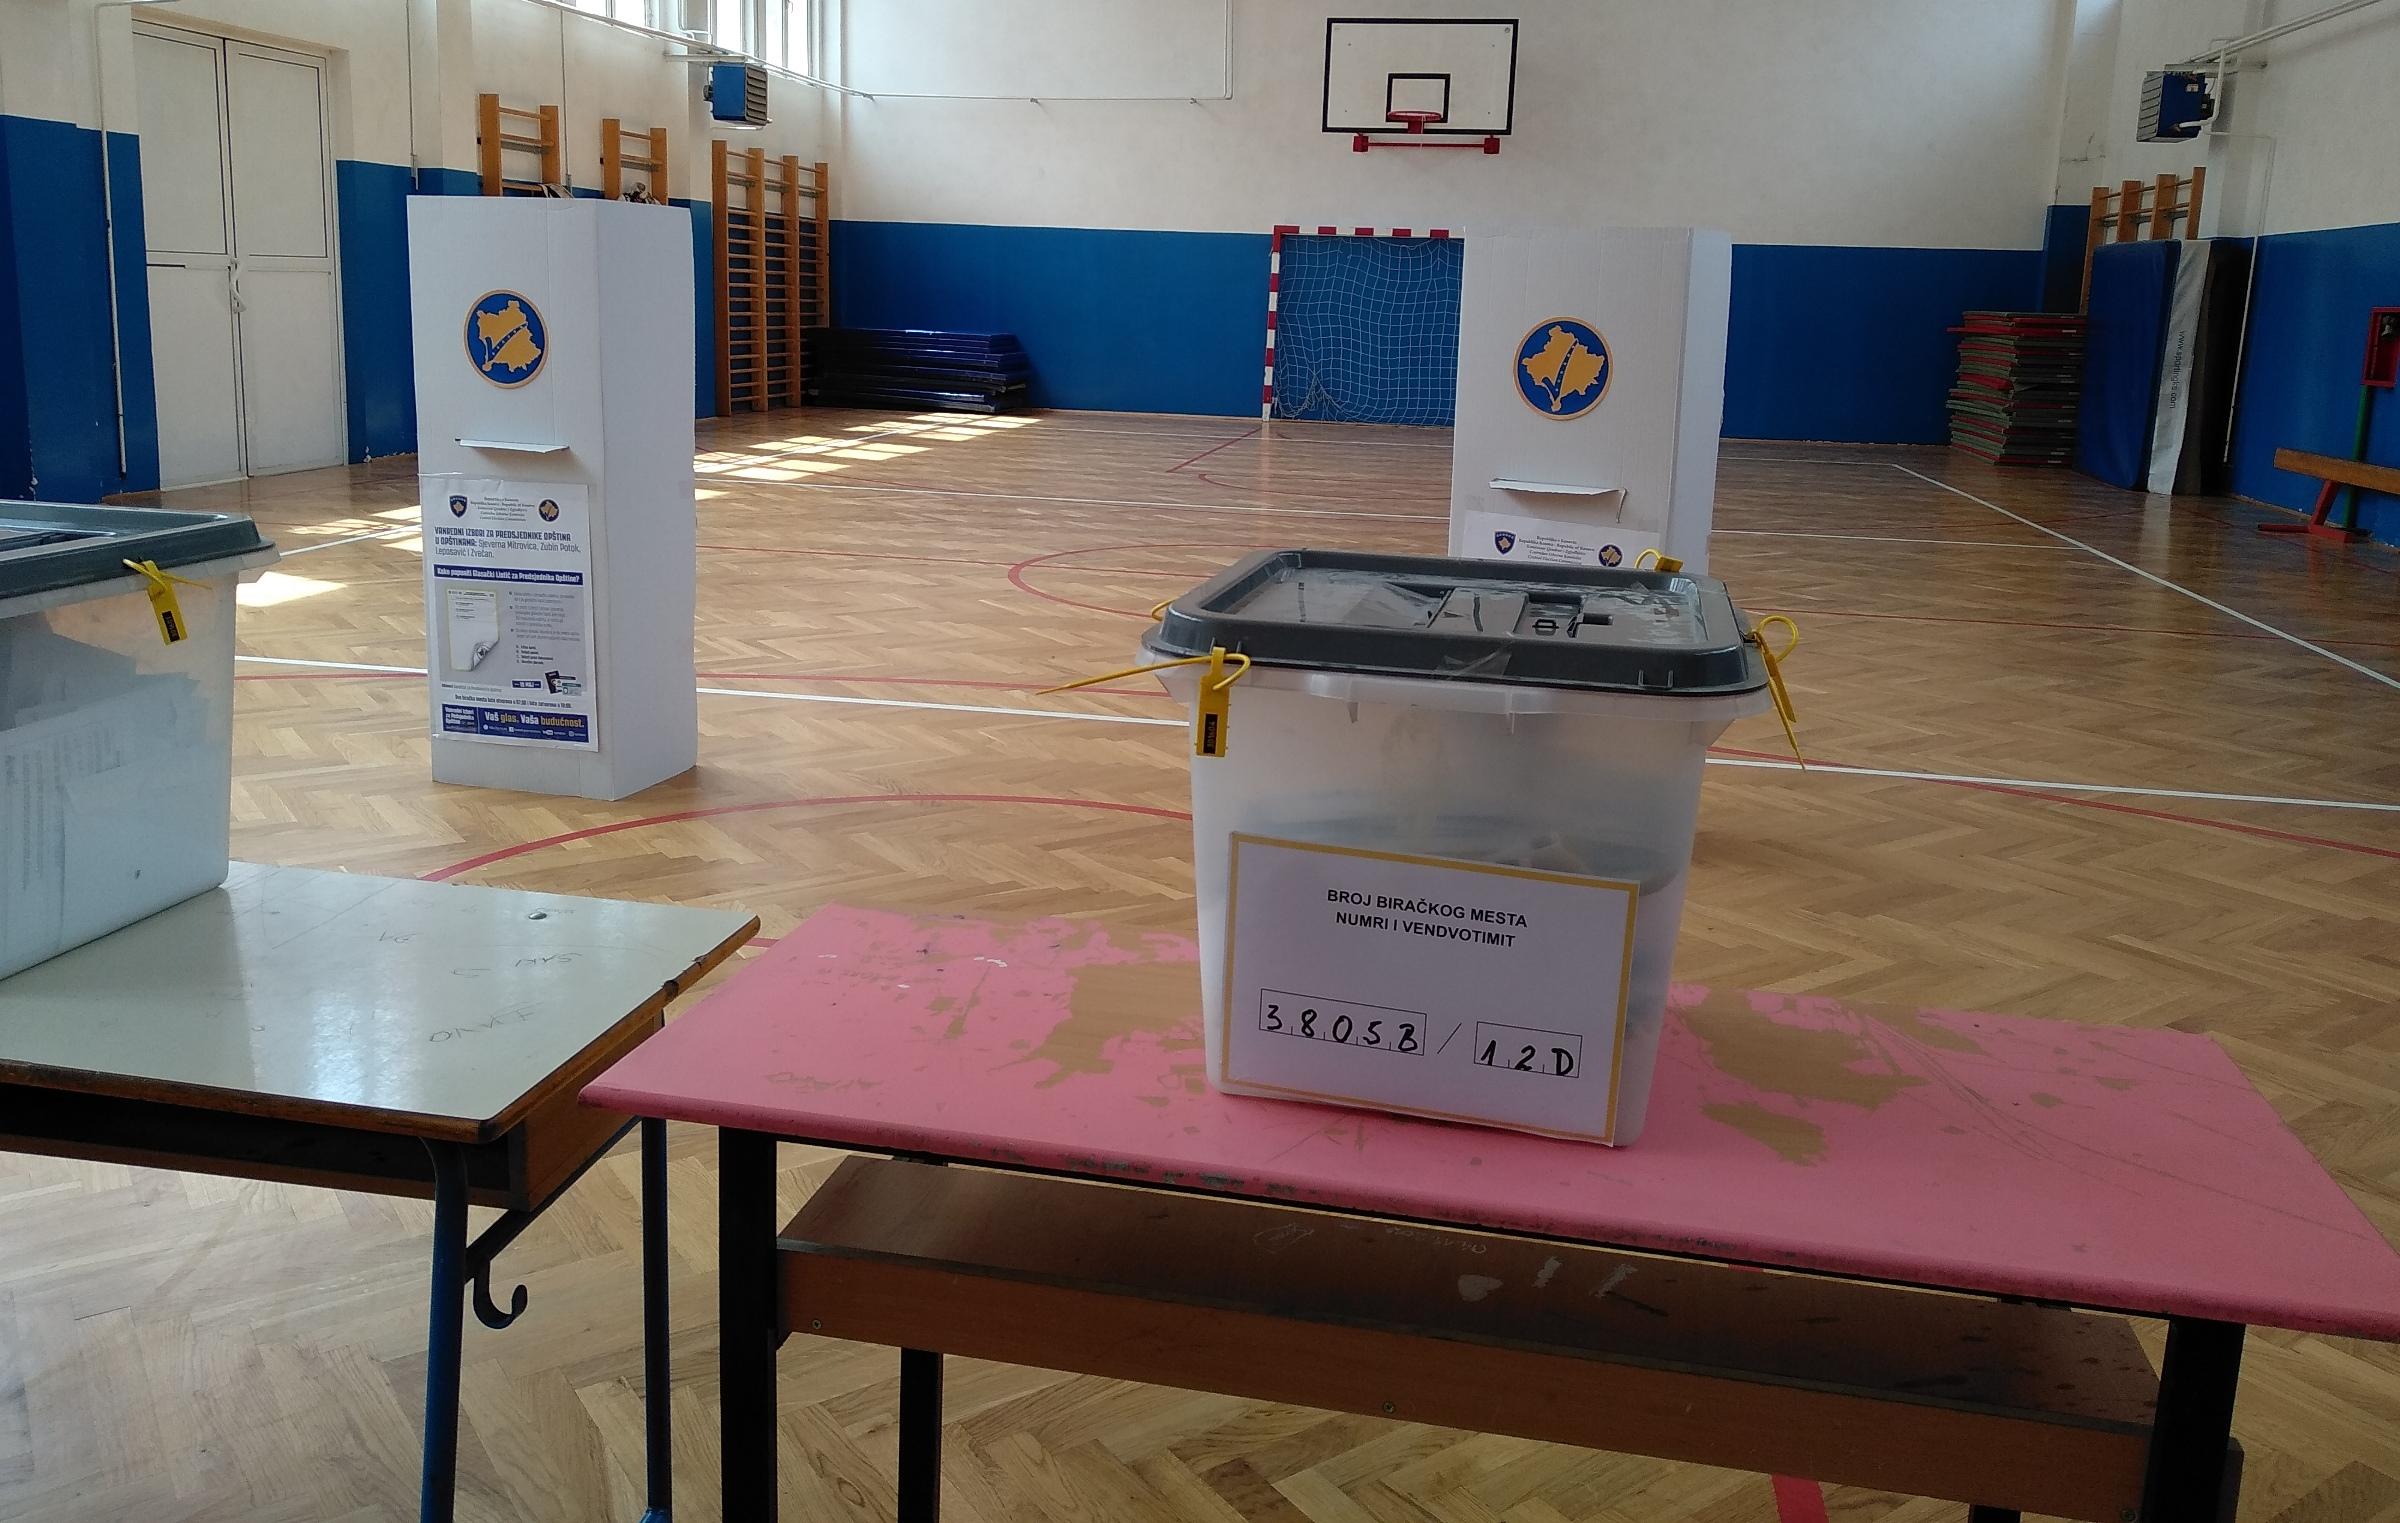 cik-poceo-sa-isplatama-za-clanove-birackih-odbora-i-tehnicko-osoblje-na-izborima